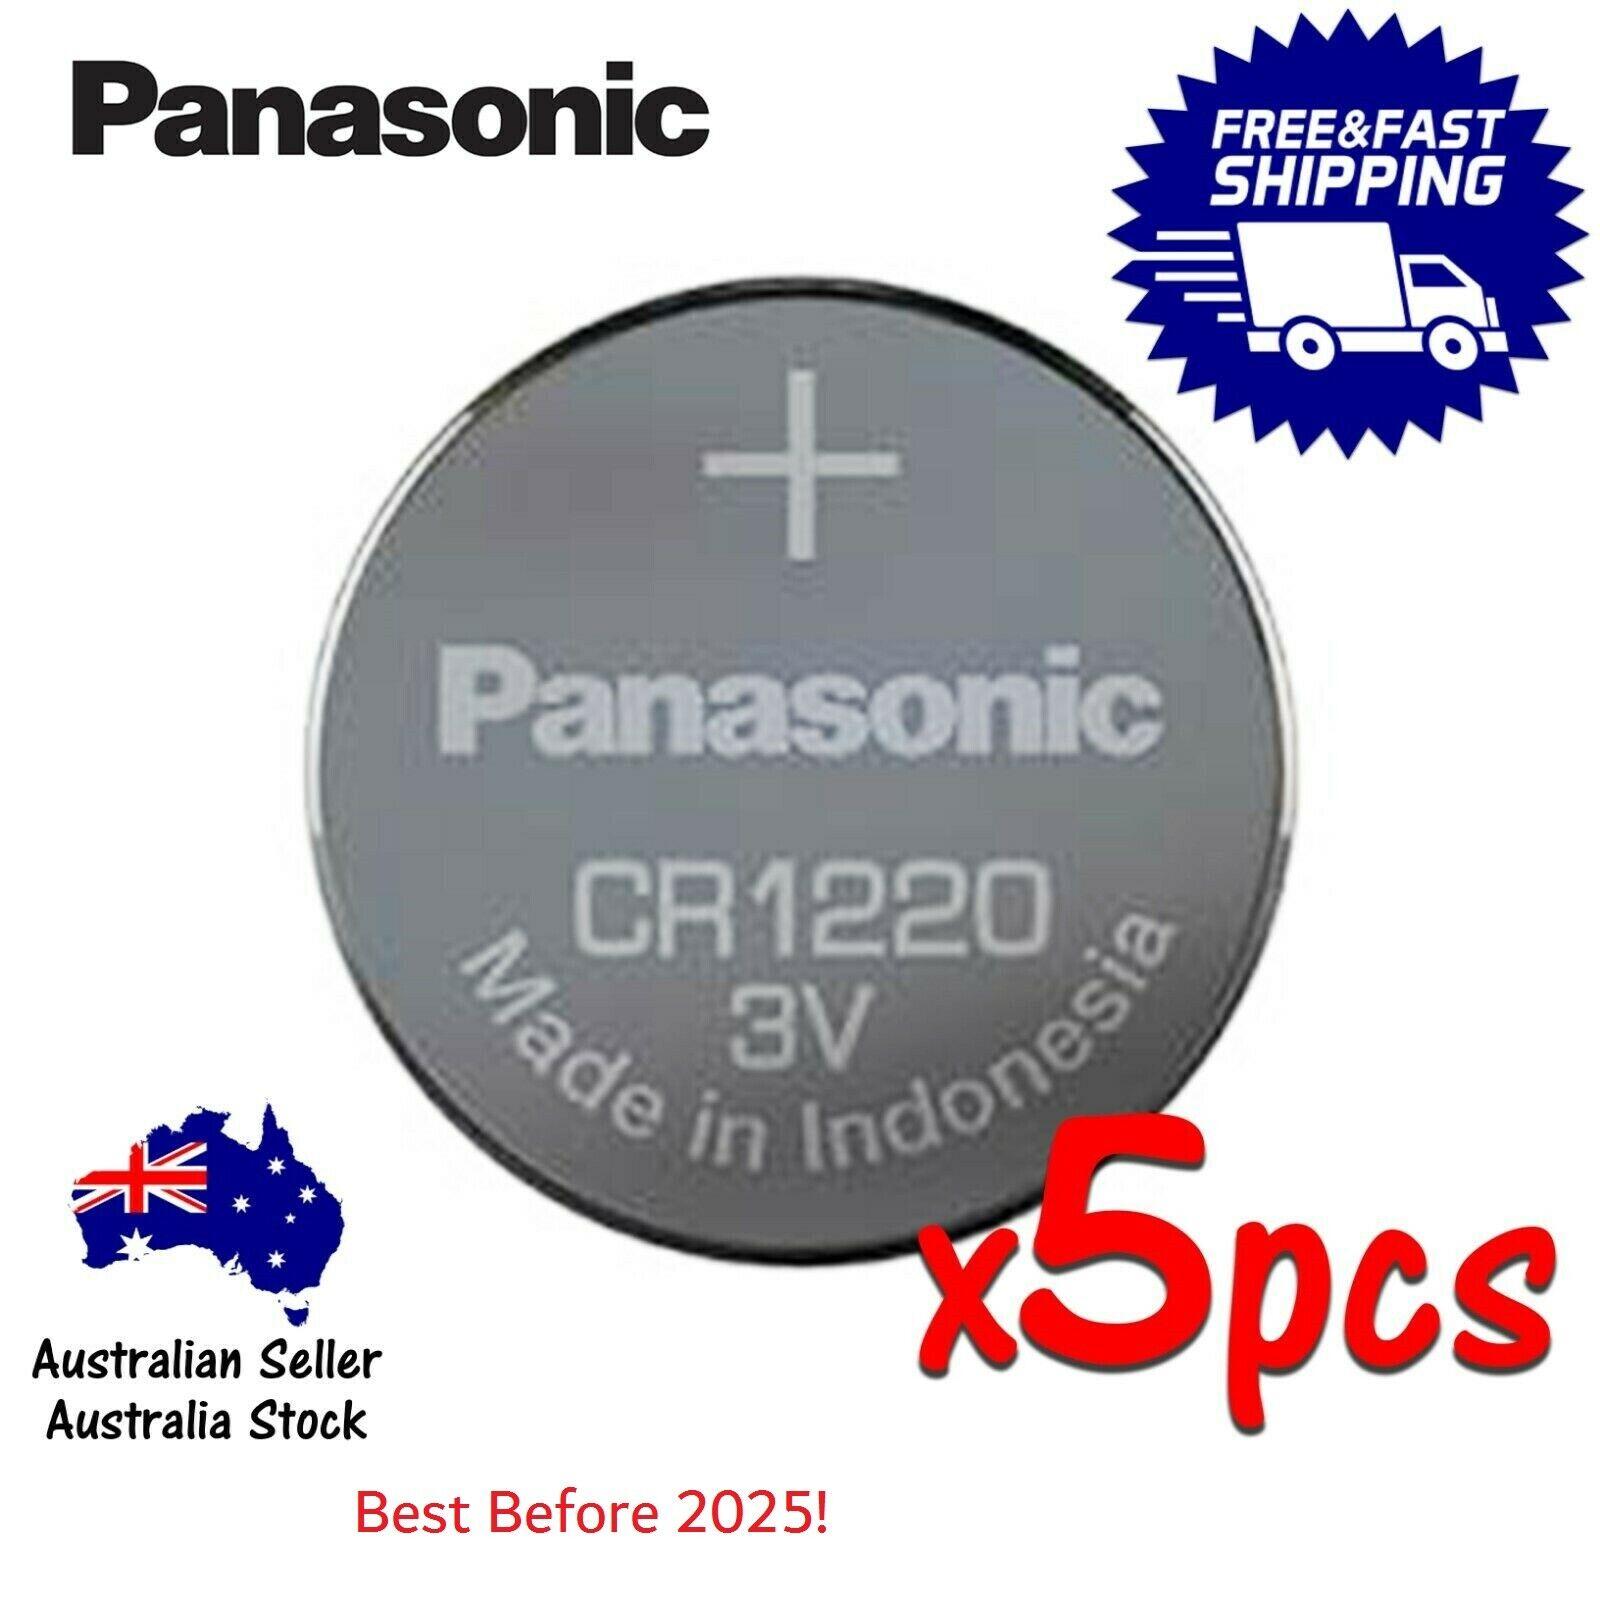 Genuine Panasonic CR1220 Li Battery 3V Exp 03/2025 Post from Sydney 5pcs/1pack